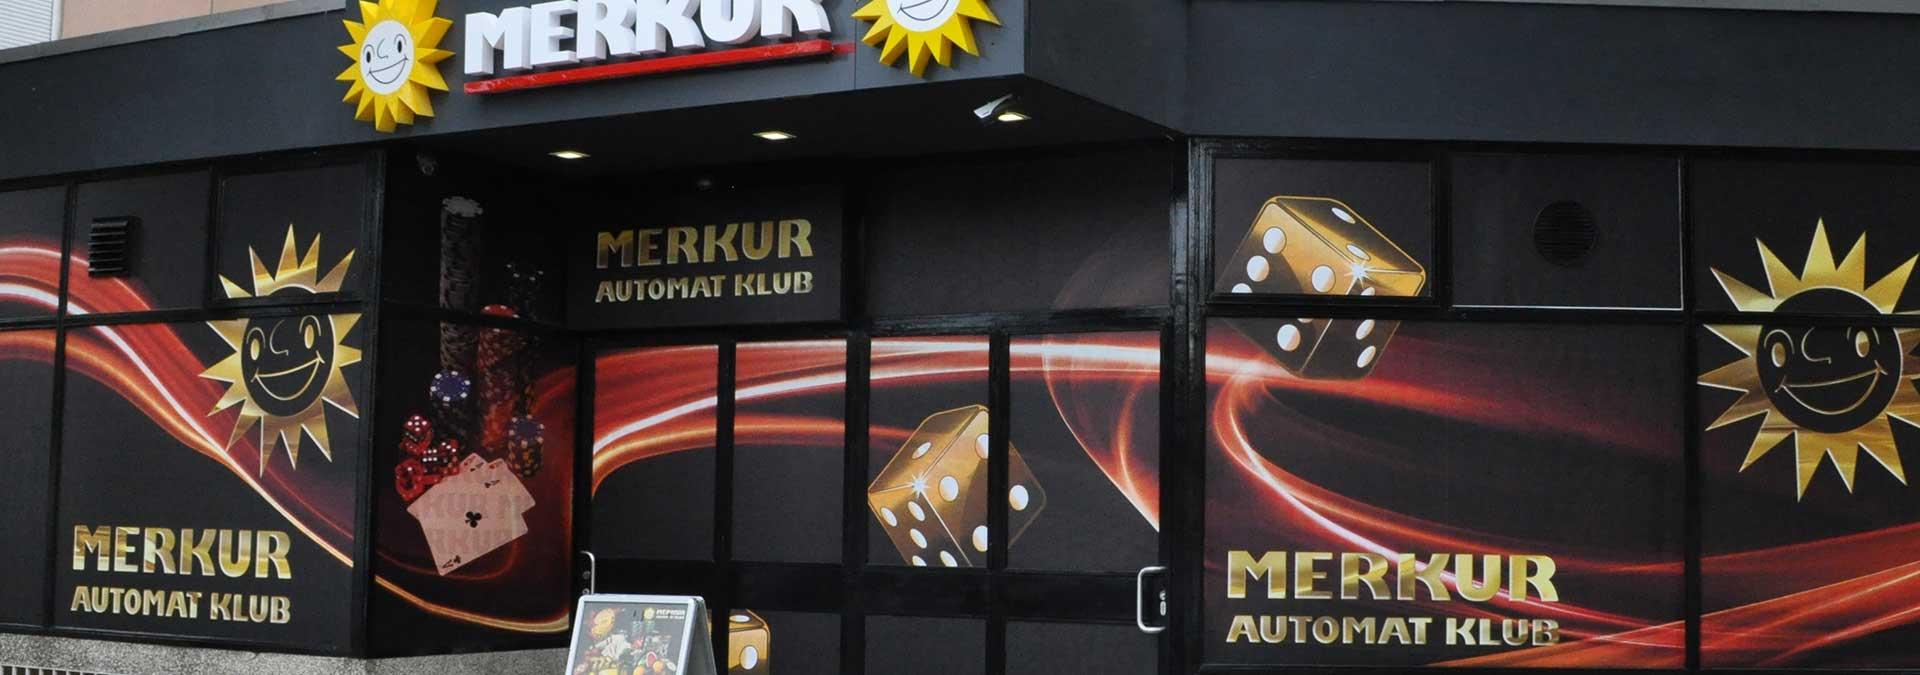 Merkur Casino Automat Klub Metro